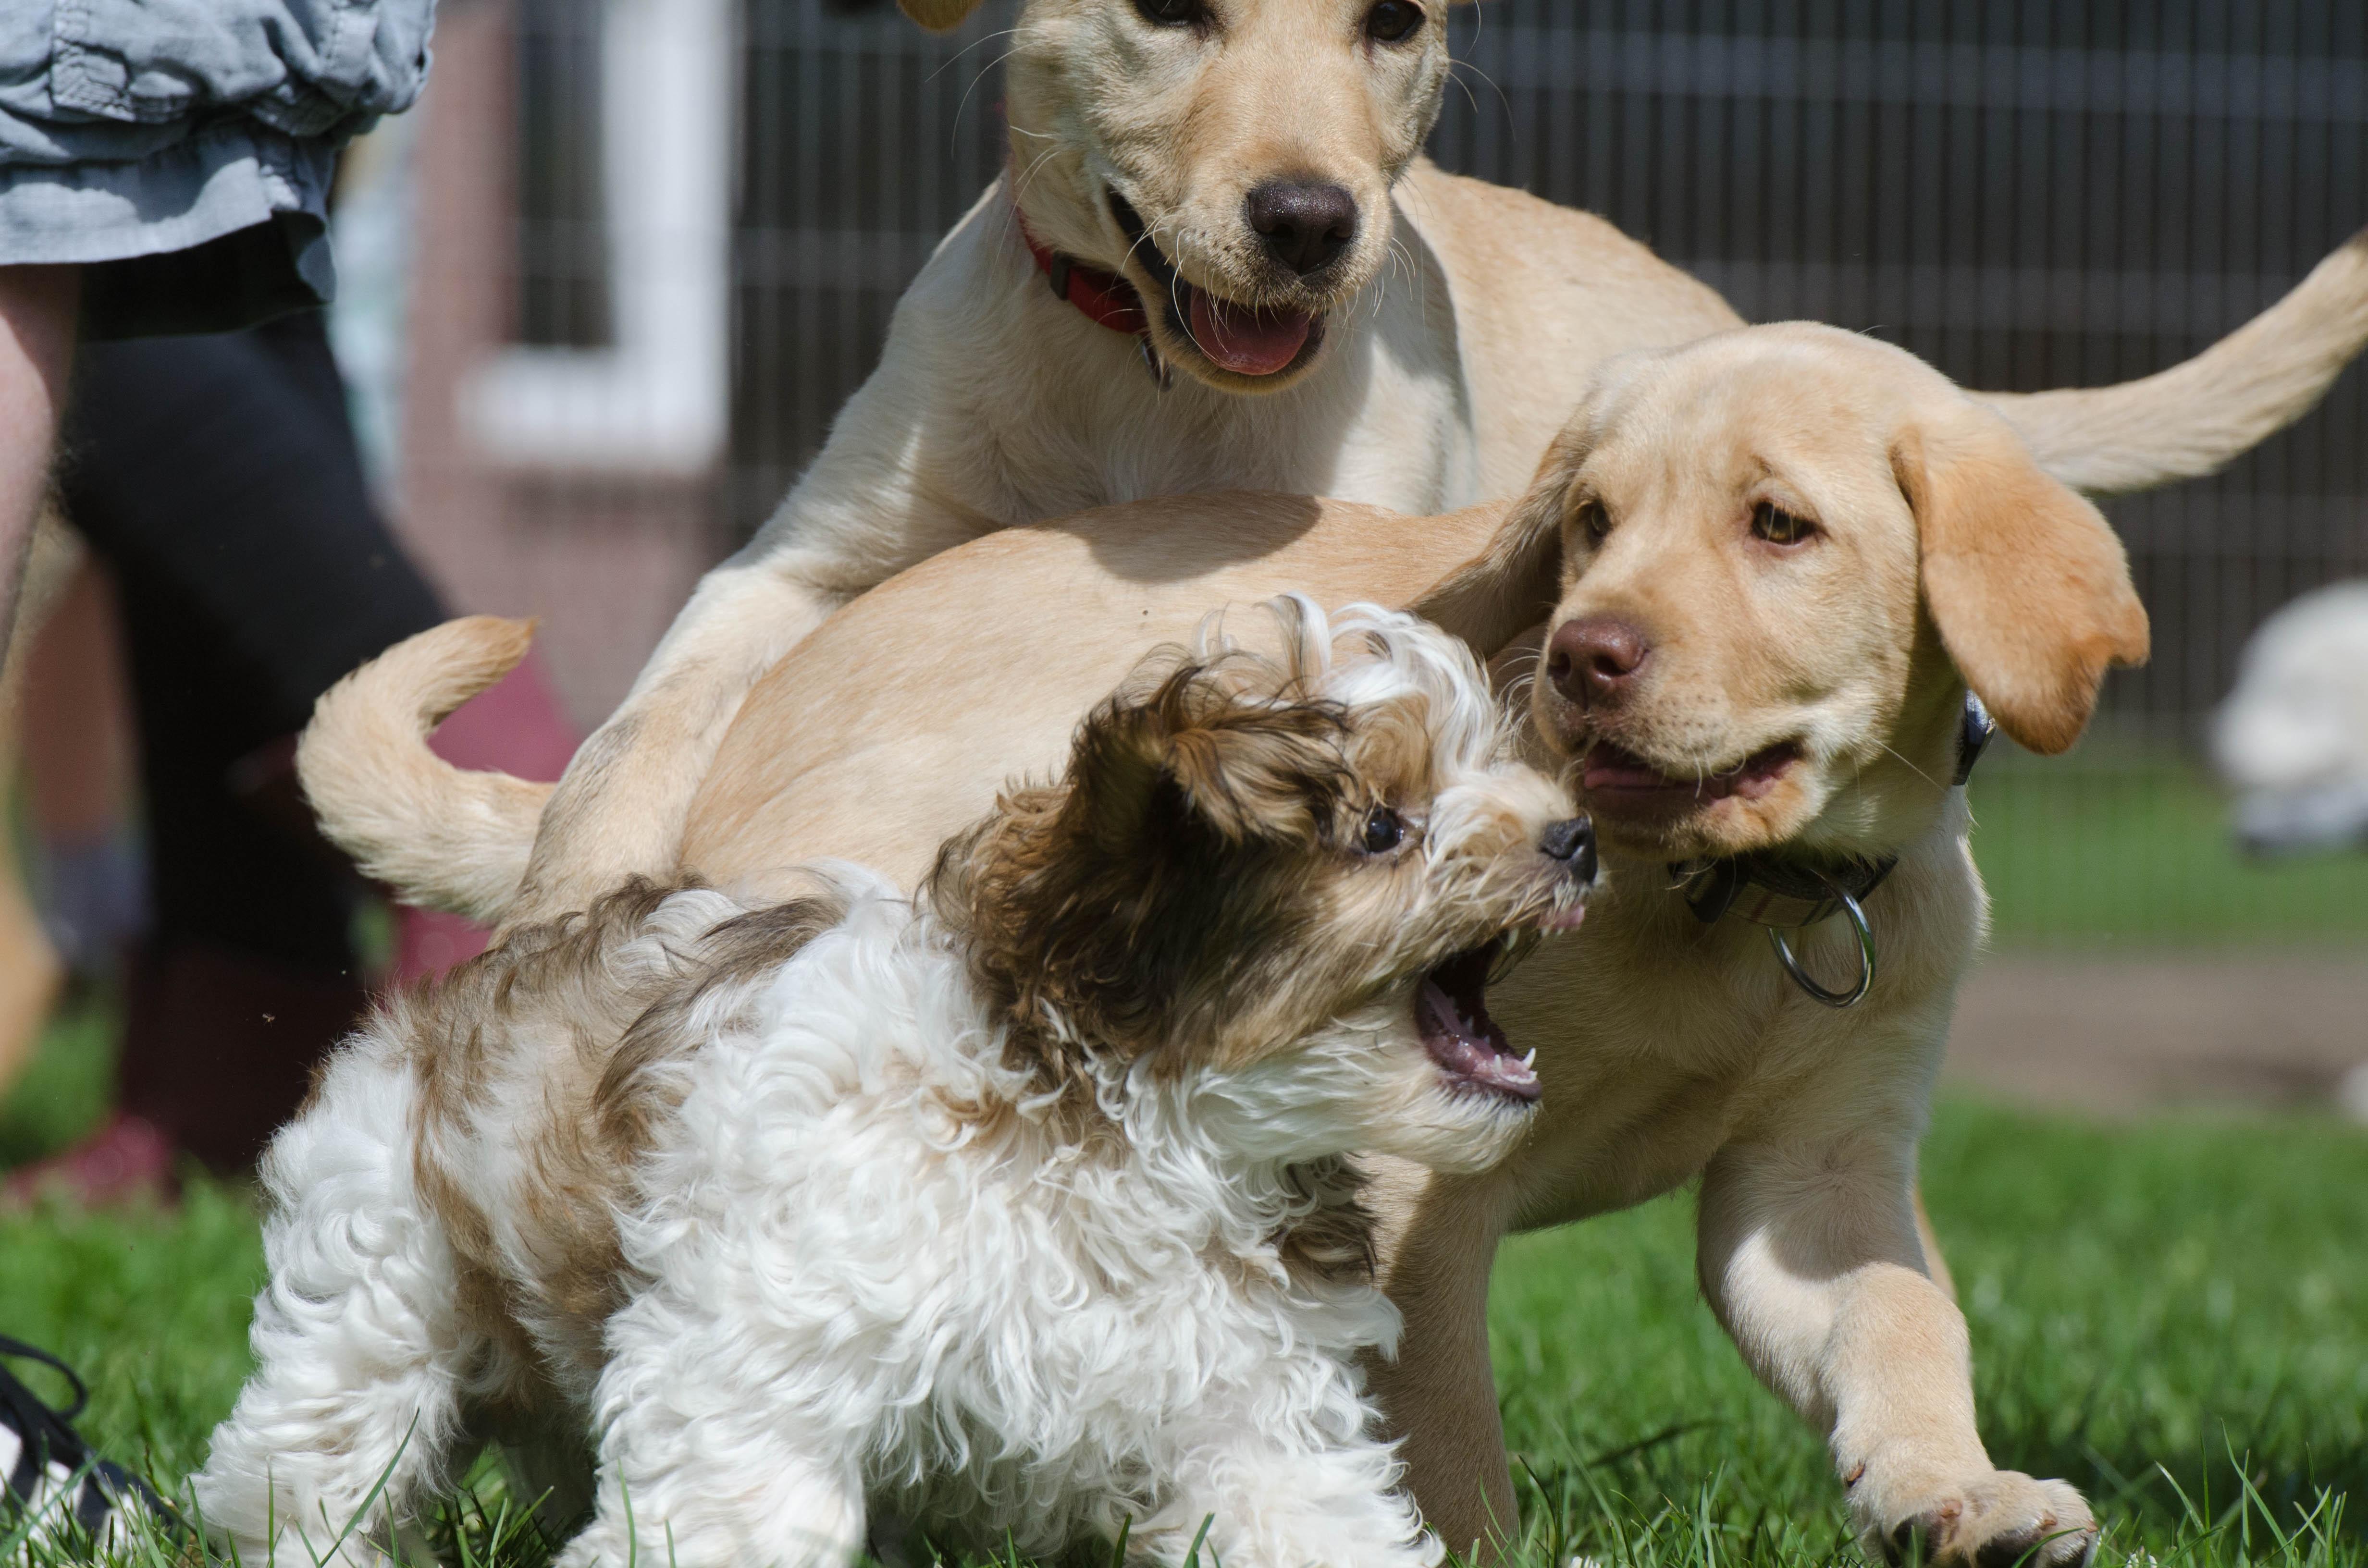 Fotos de perros show show 6